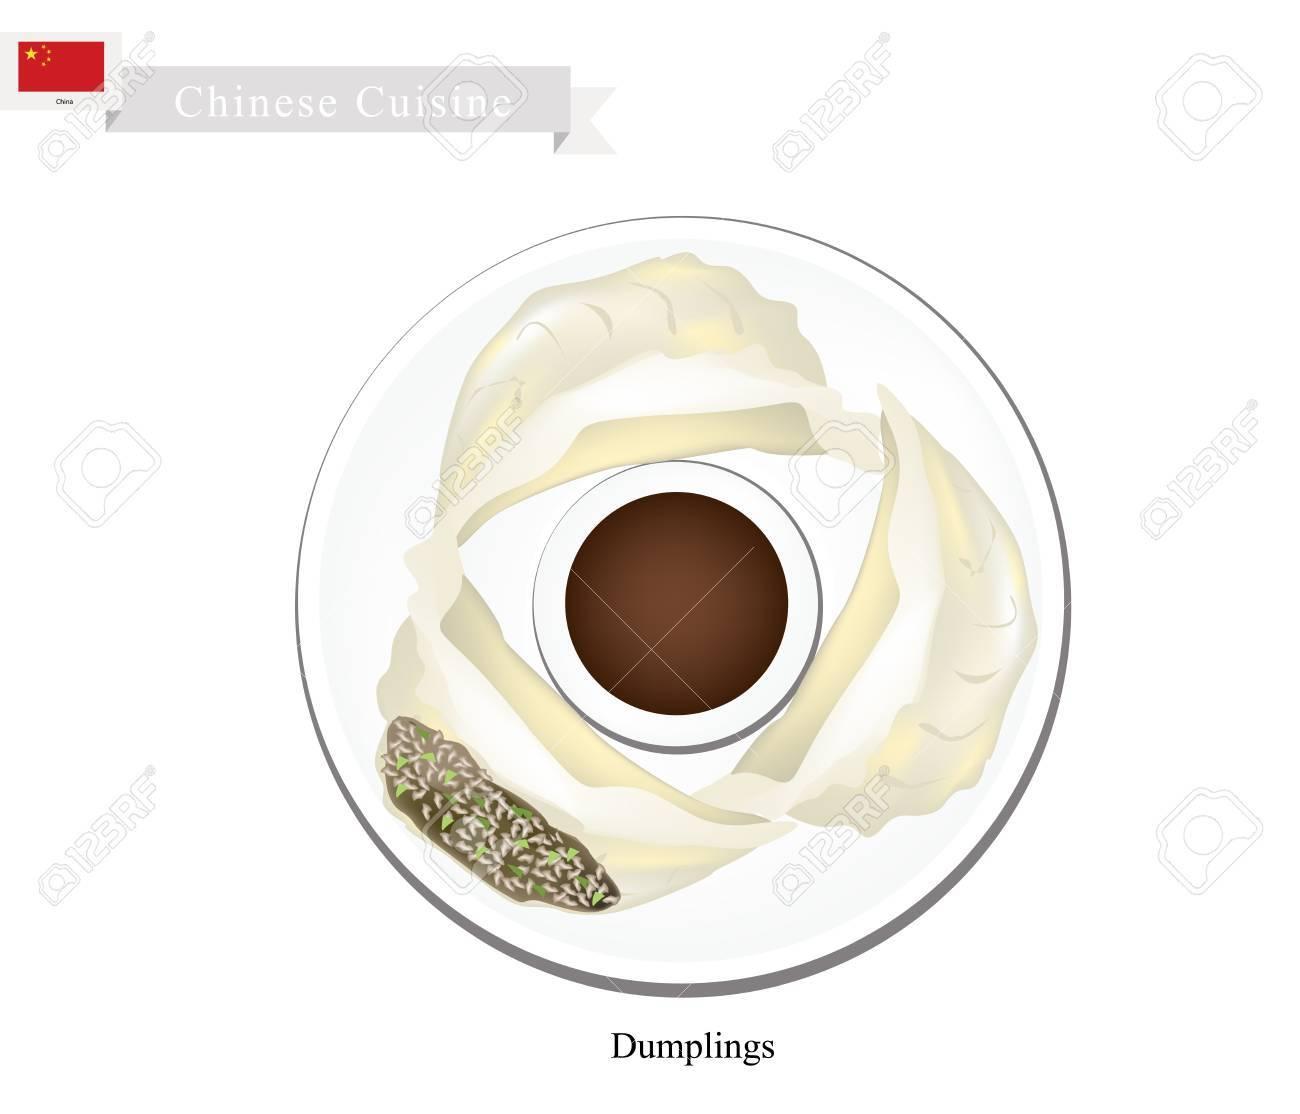 中華料理餃子や中国の蒸気餃子のイラストを添えて醤油中国で最も